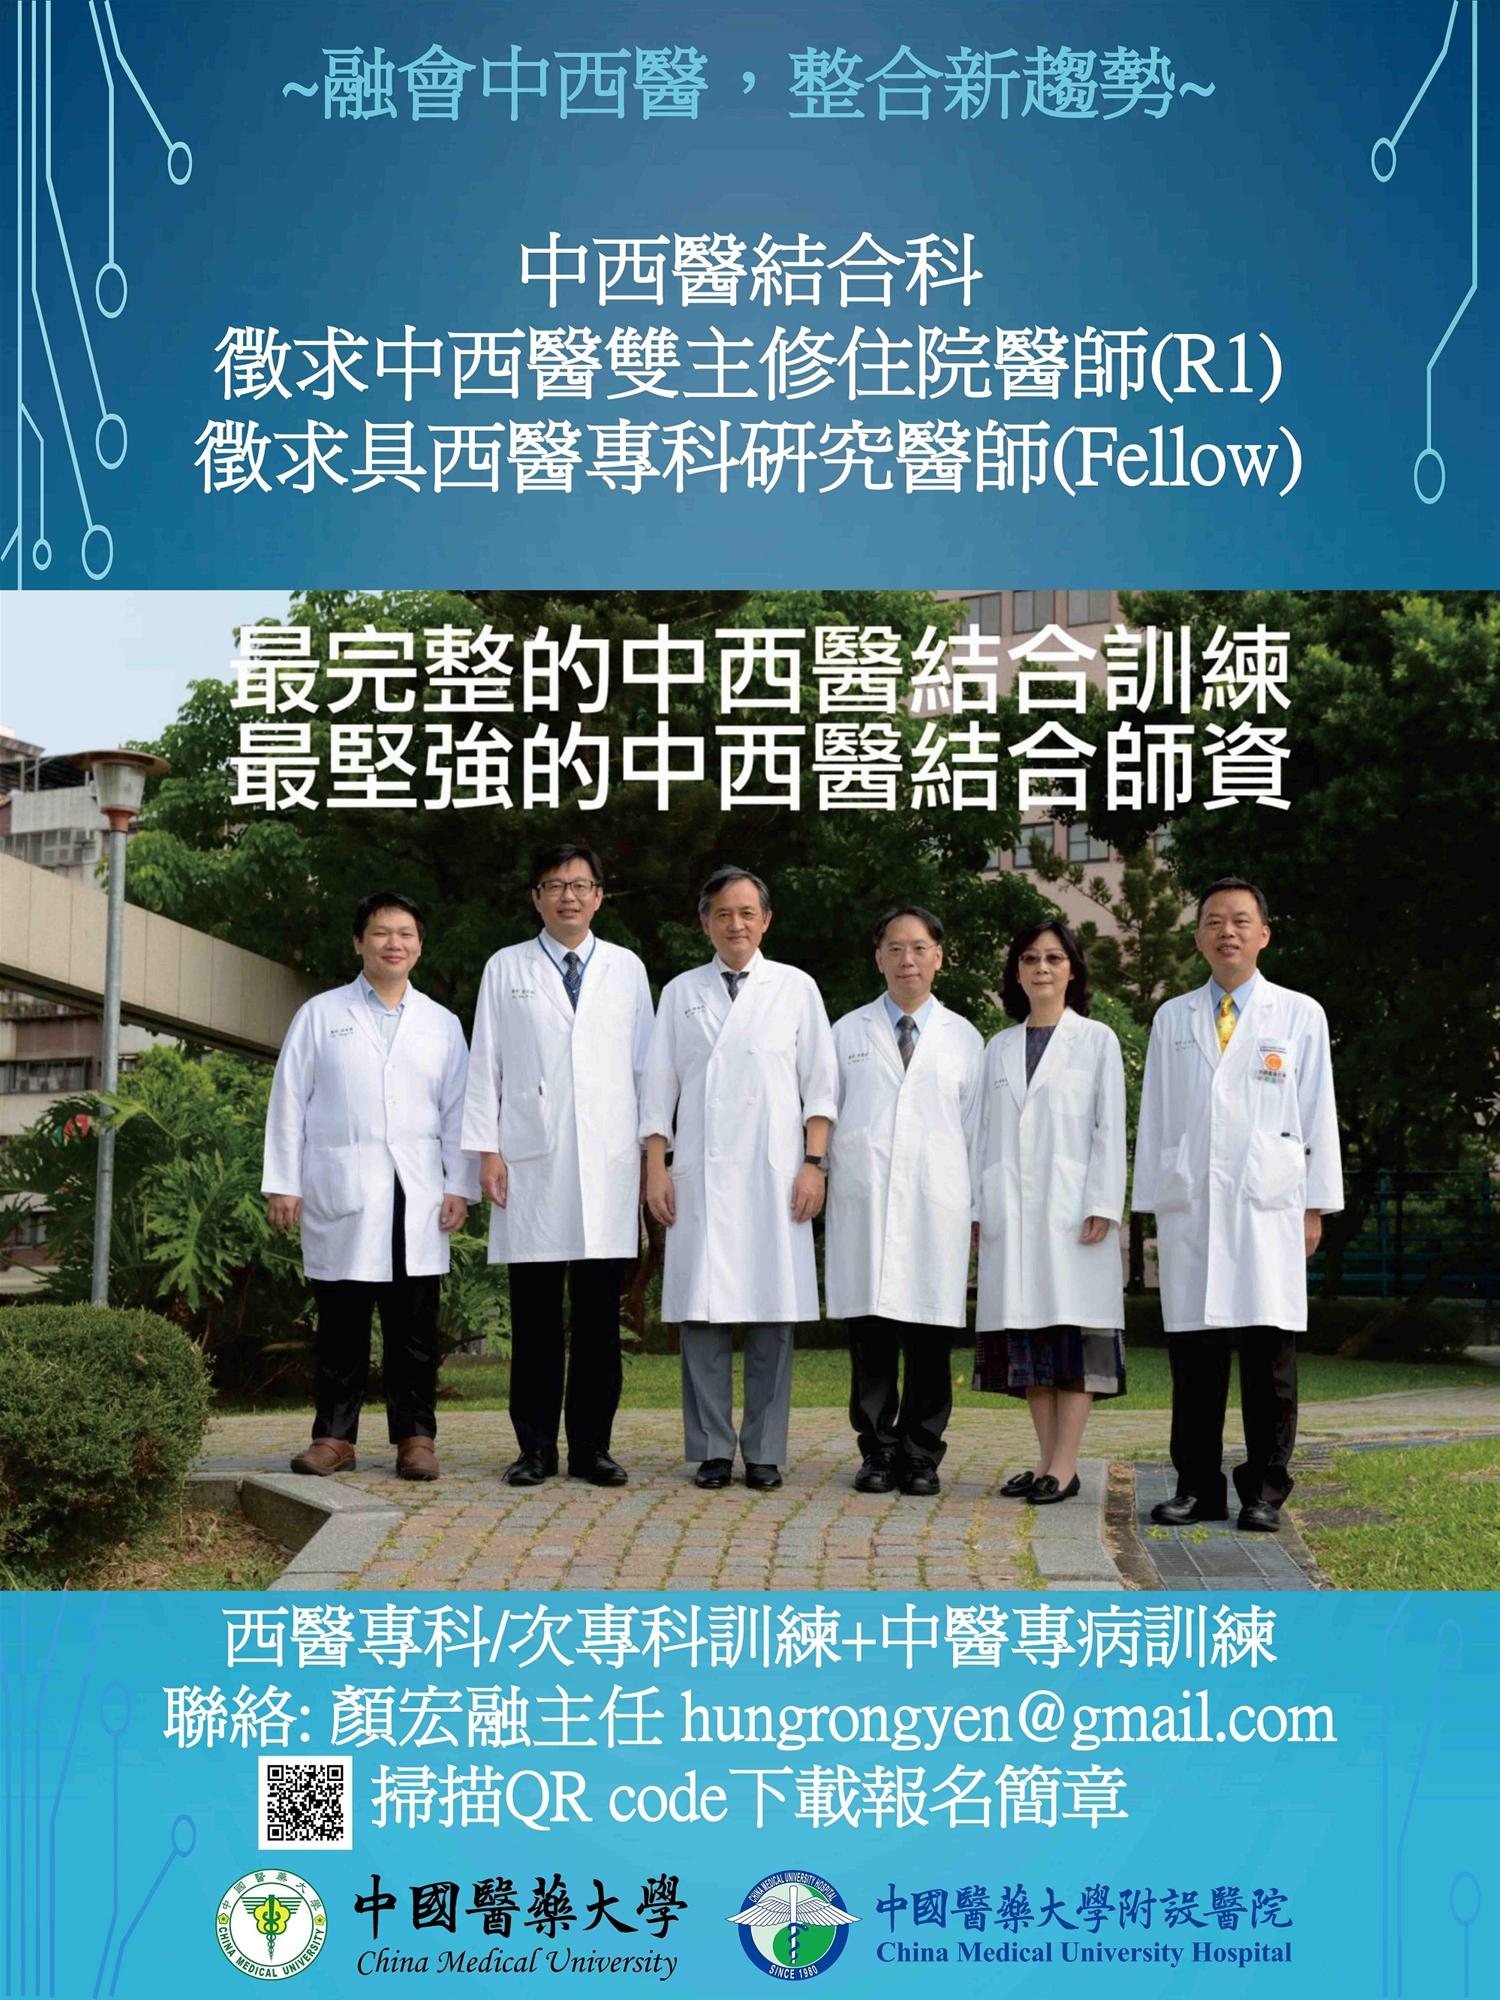 中西醫結合科徵求住院醫師